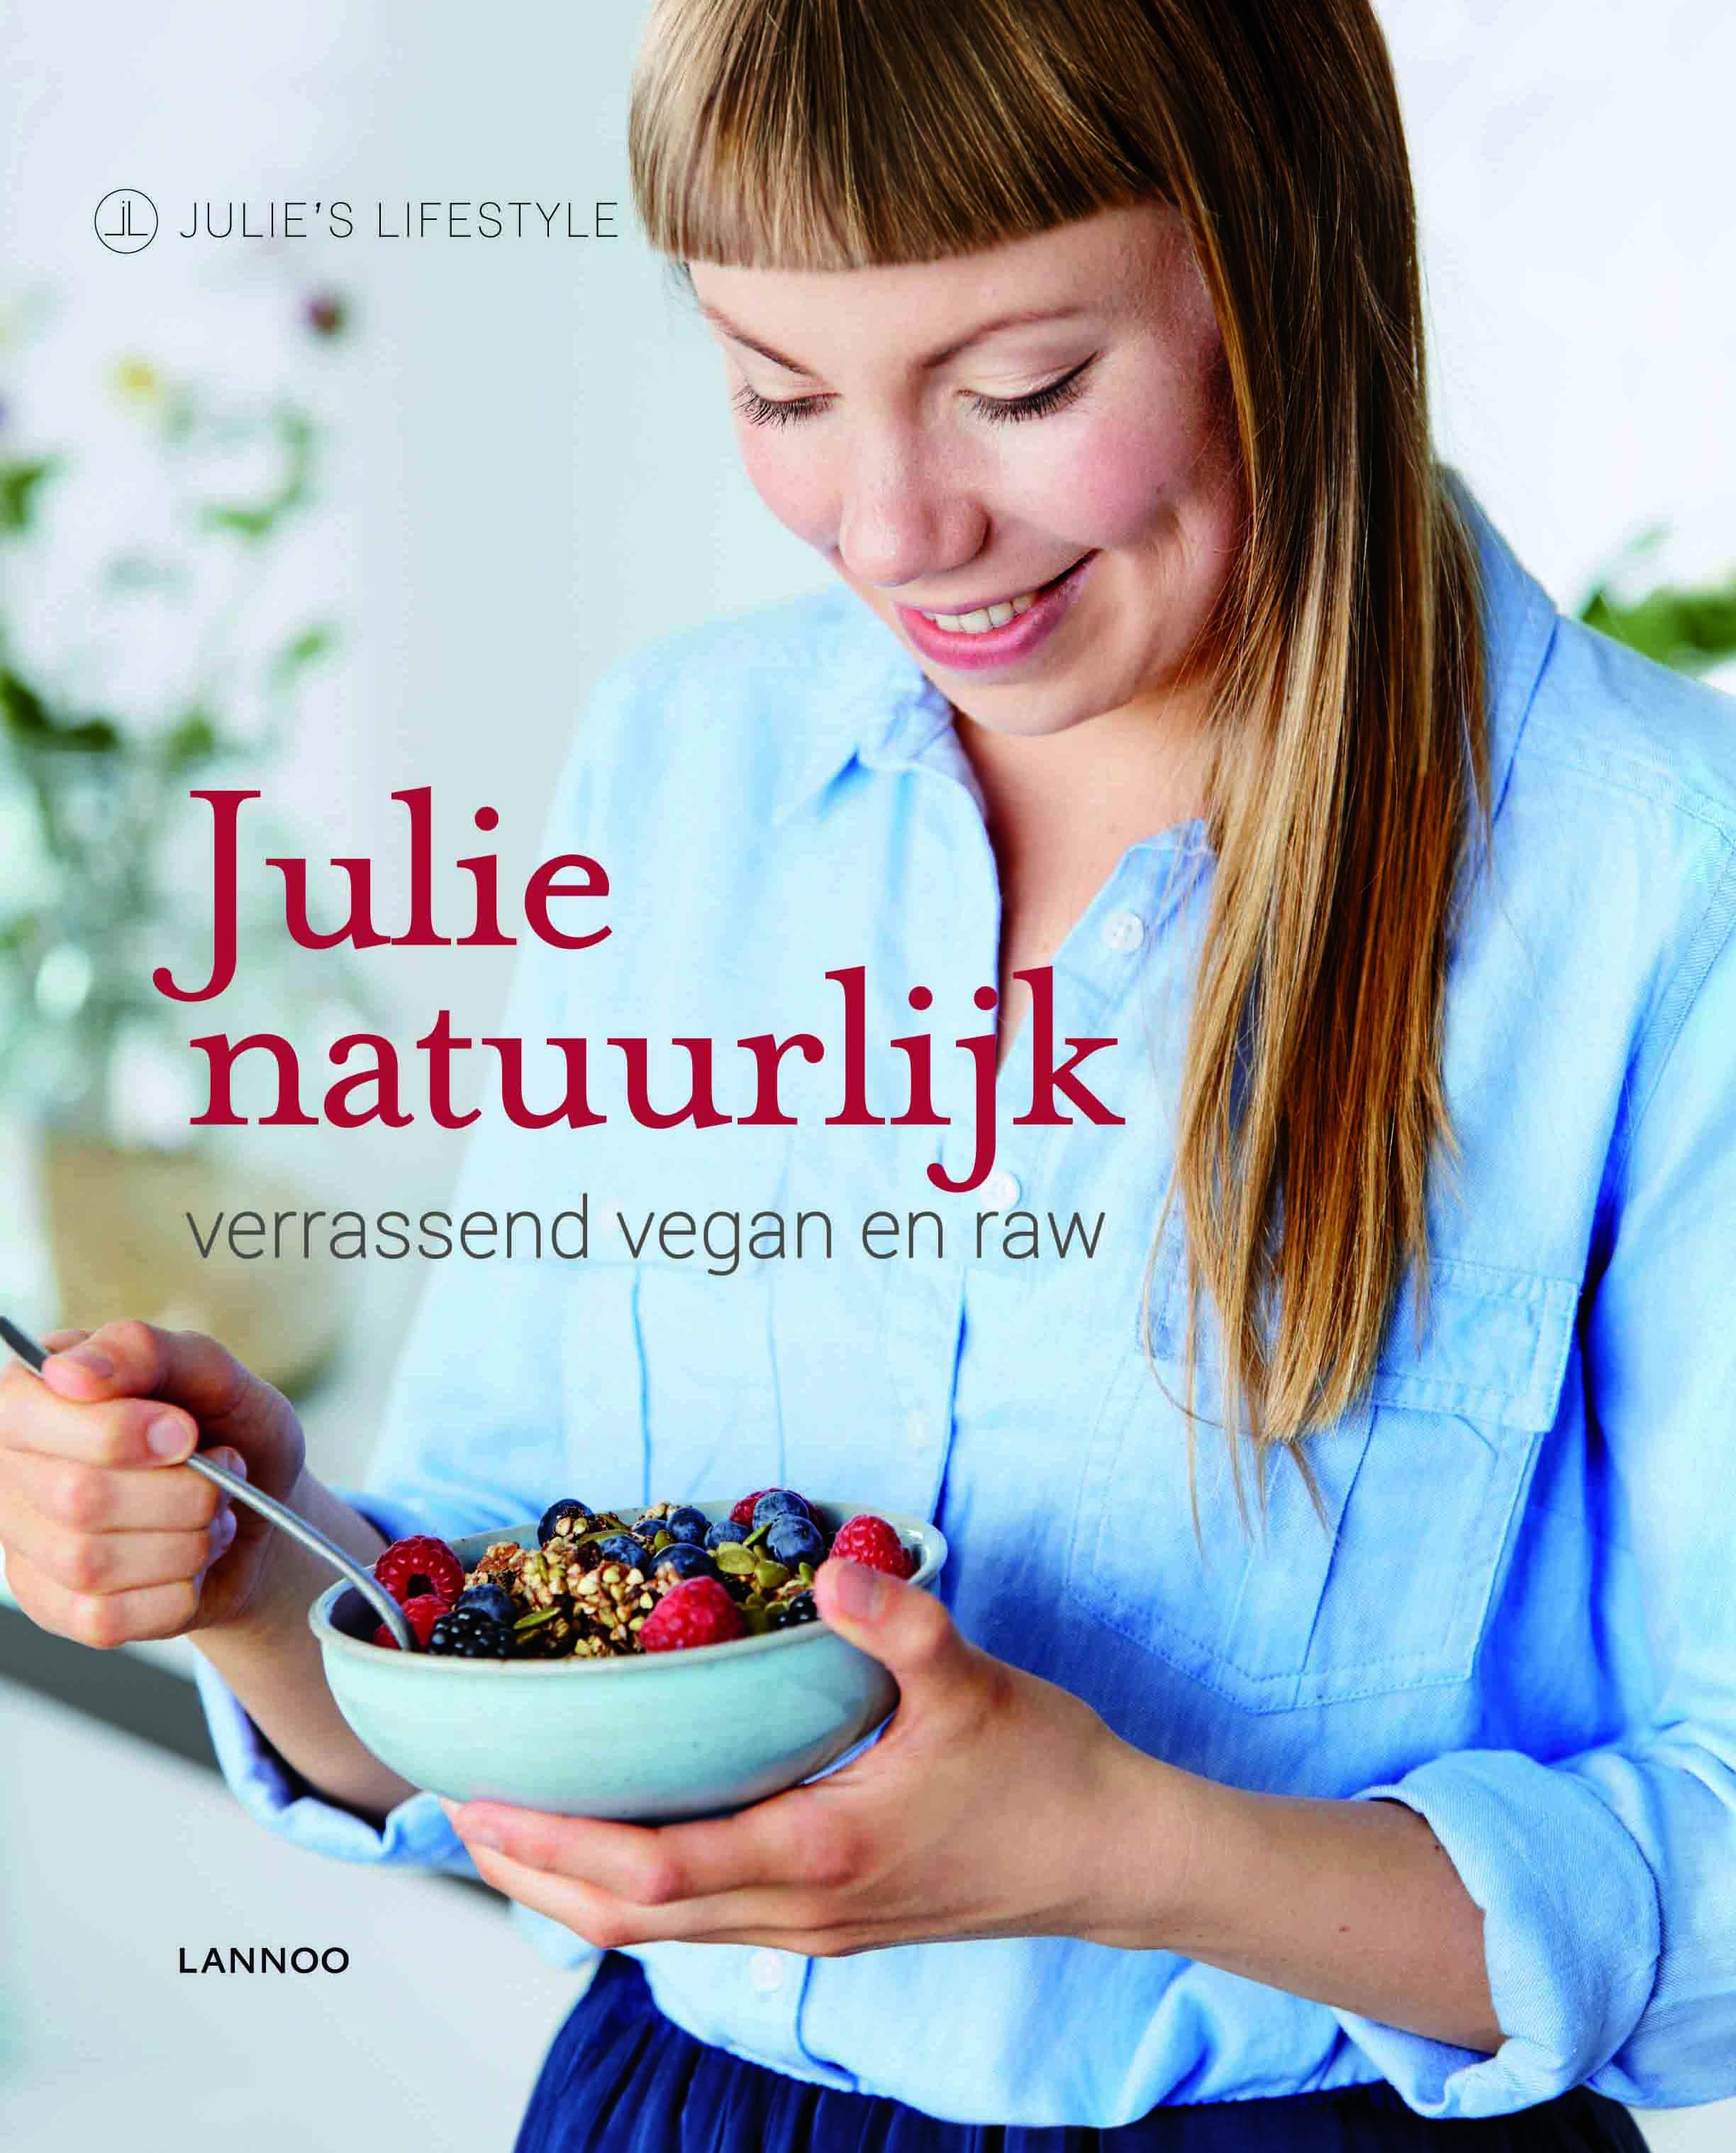 cover_JulieNatuurlijk_9789401426824.indd